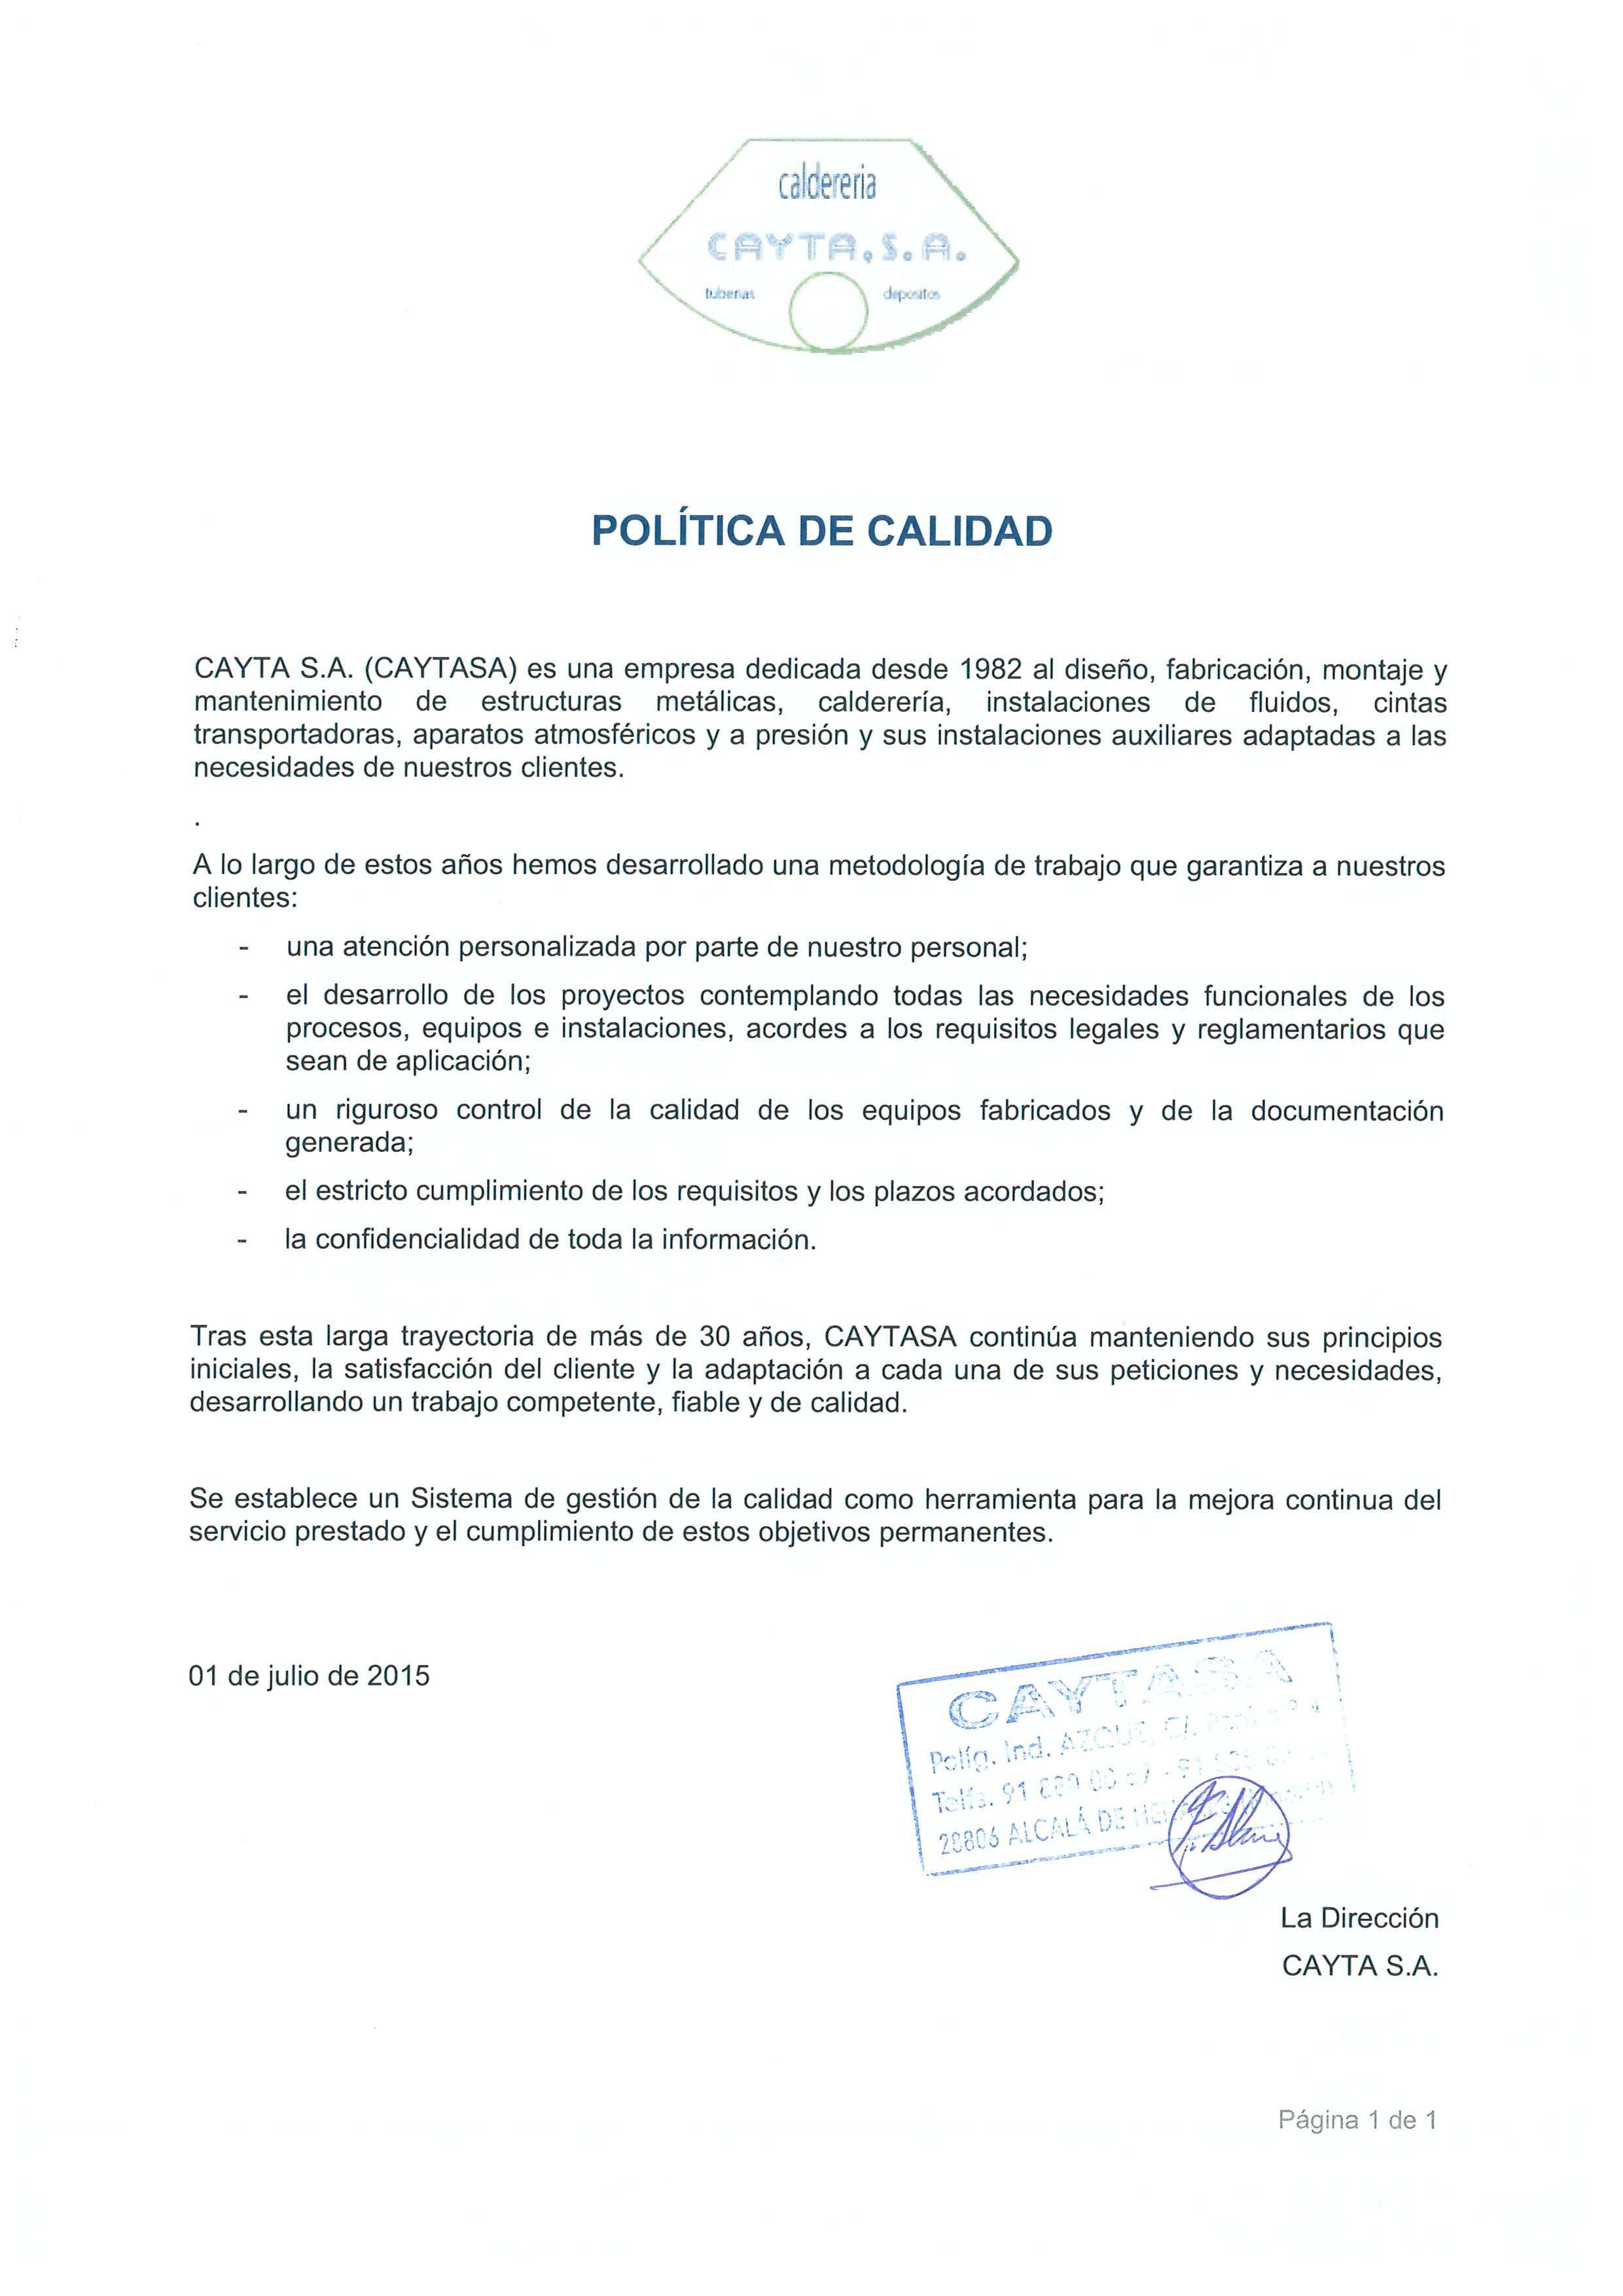 CAYTASA - Política de calidad